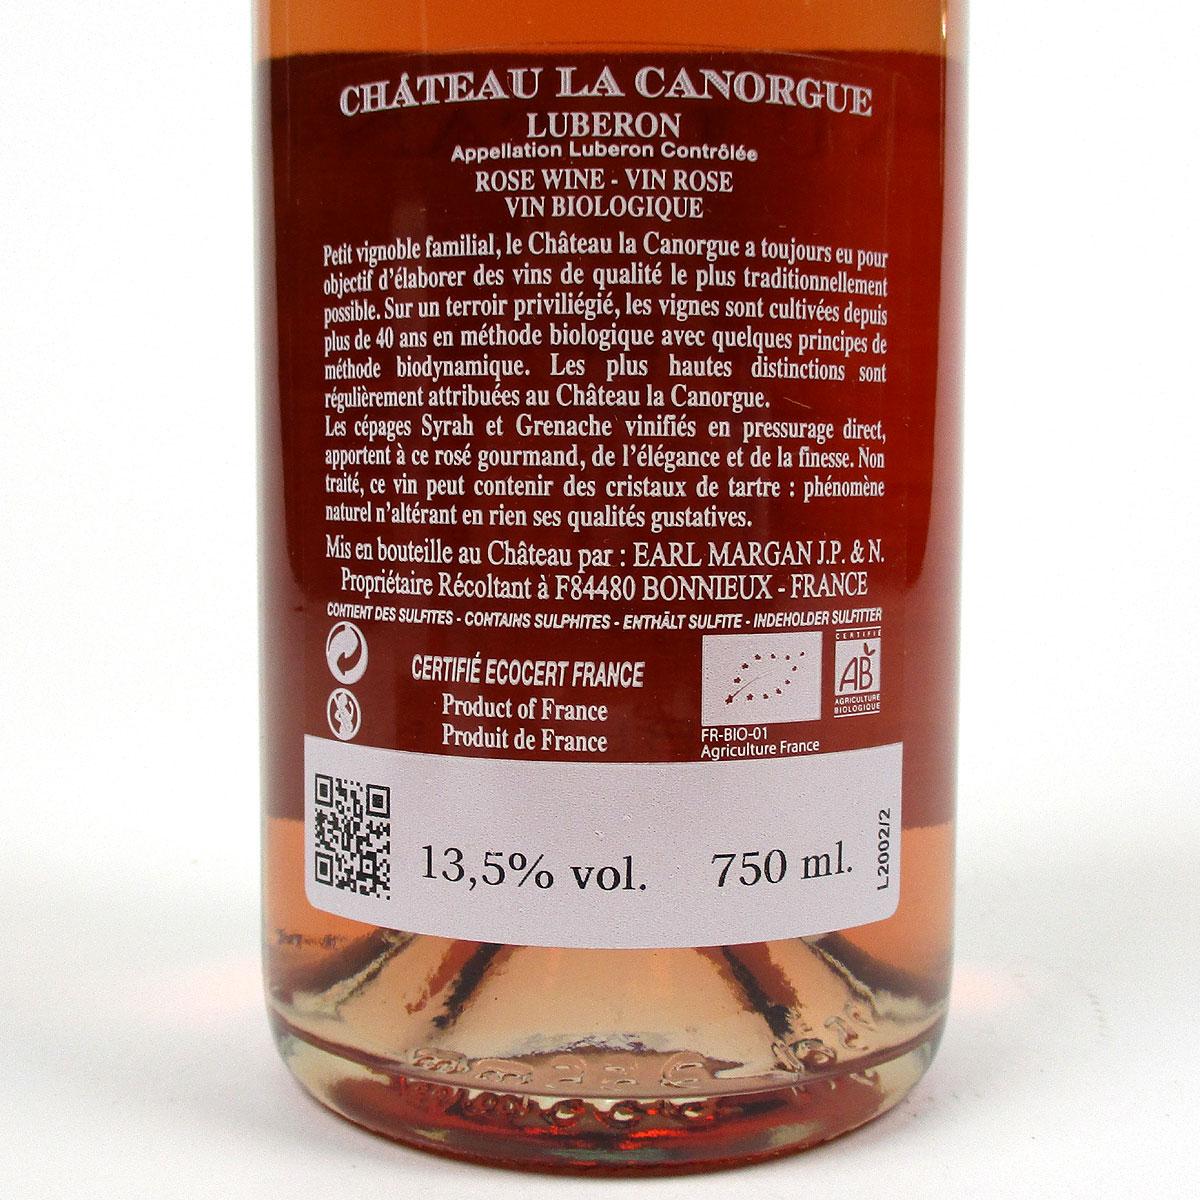 Côtes du Luberon: Château La Canorgue Rosé 2020 - Bottle Rear Label